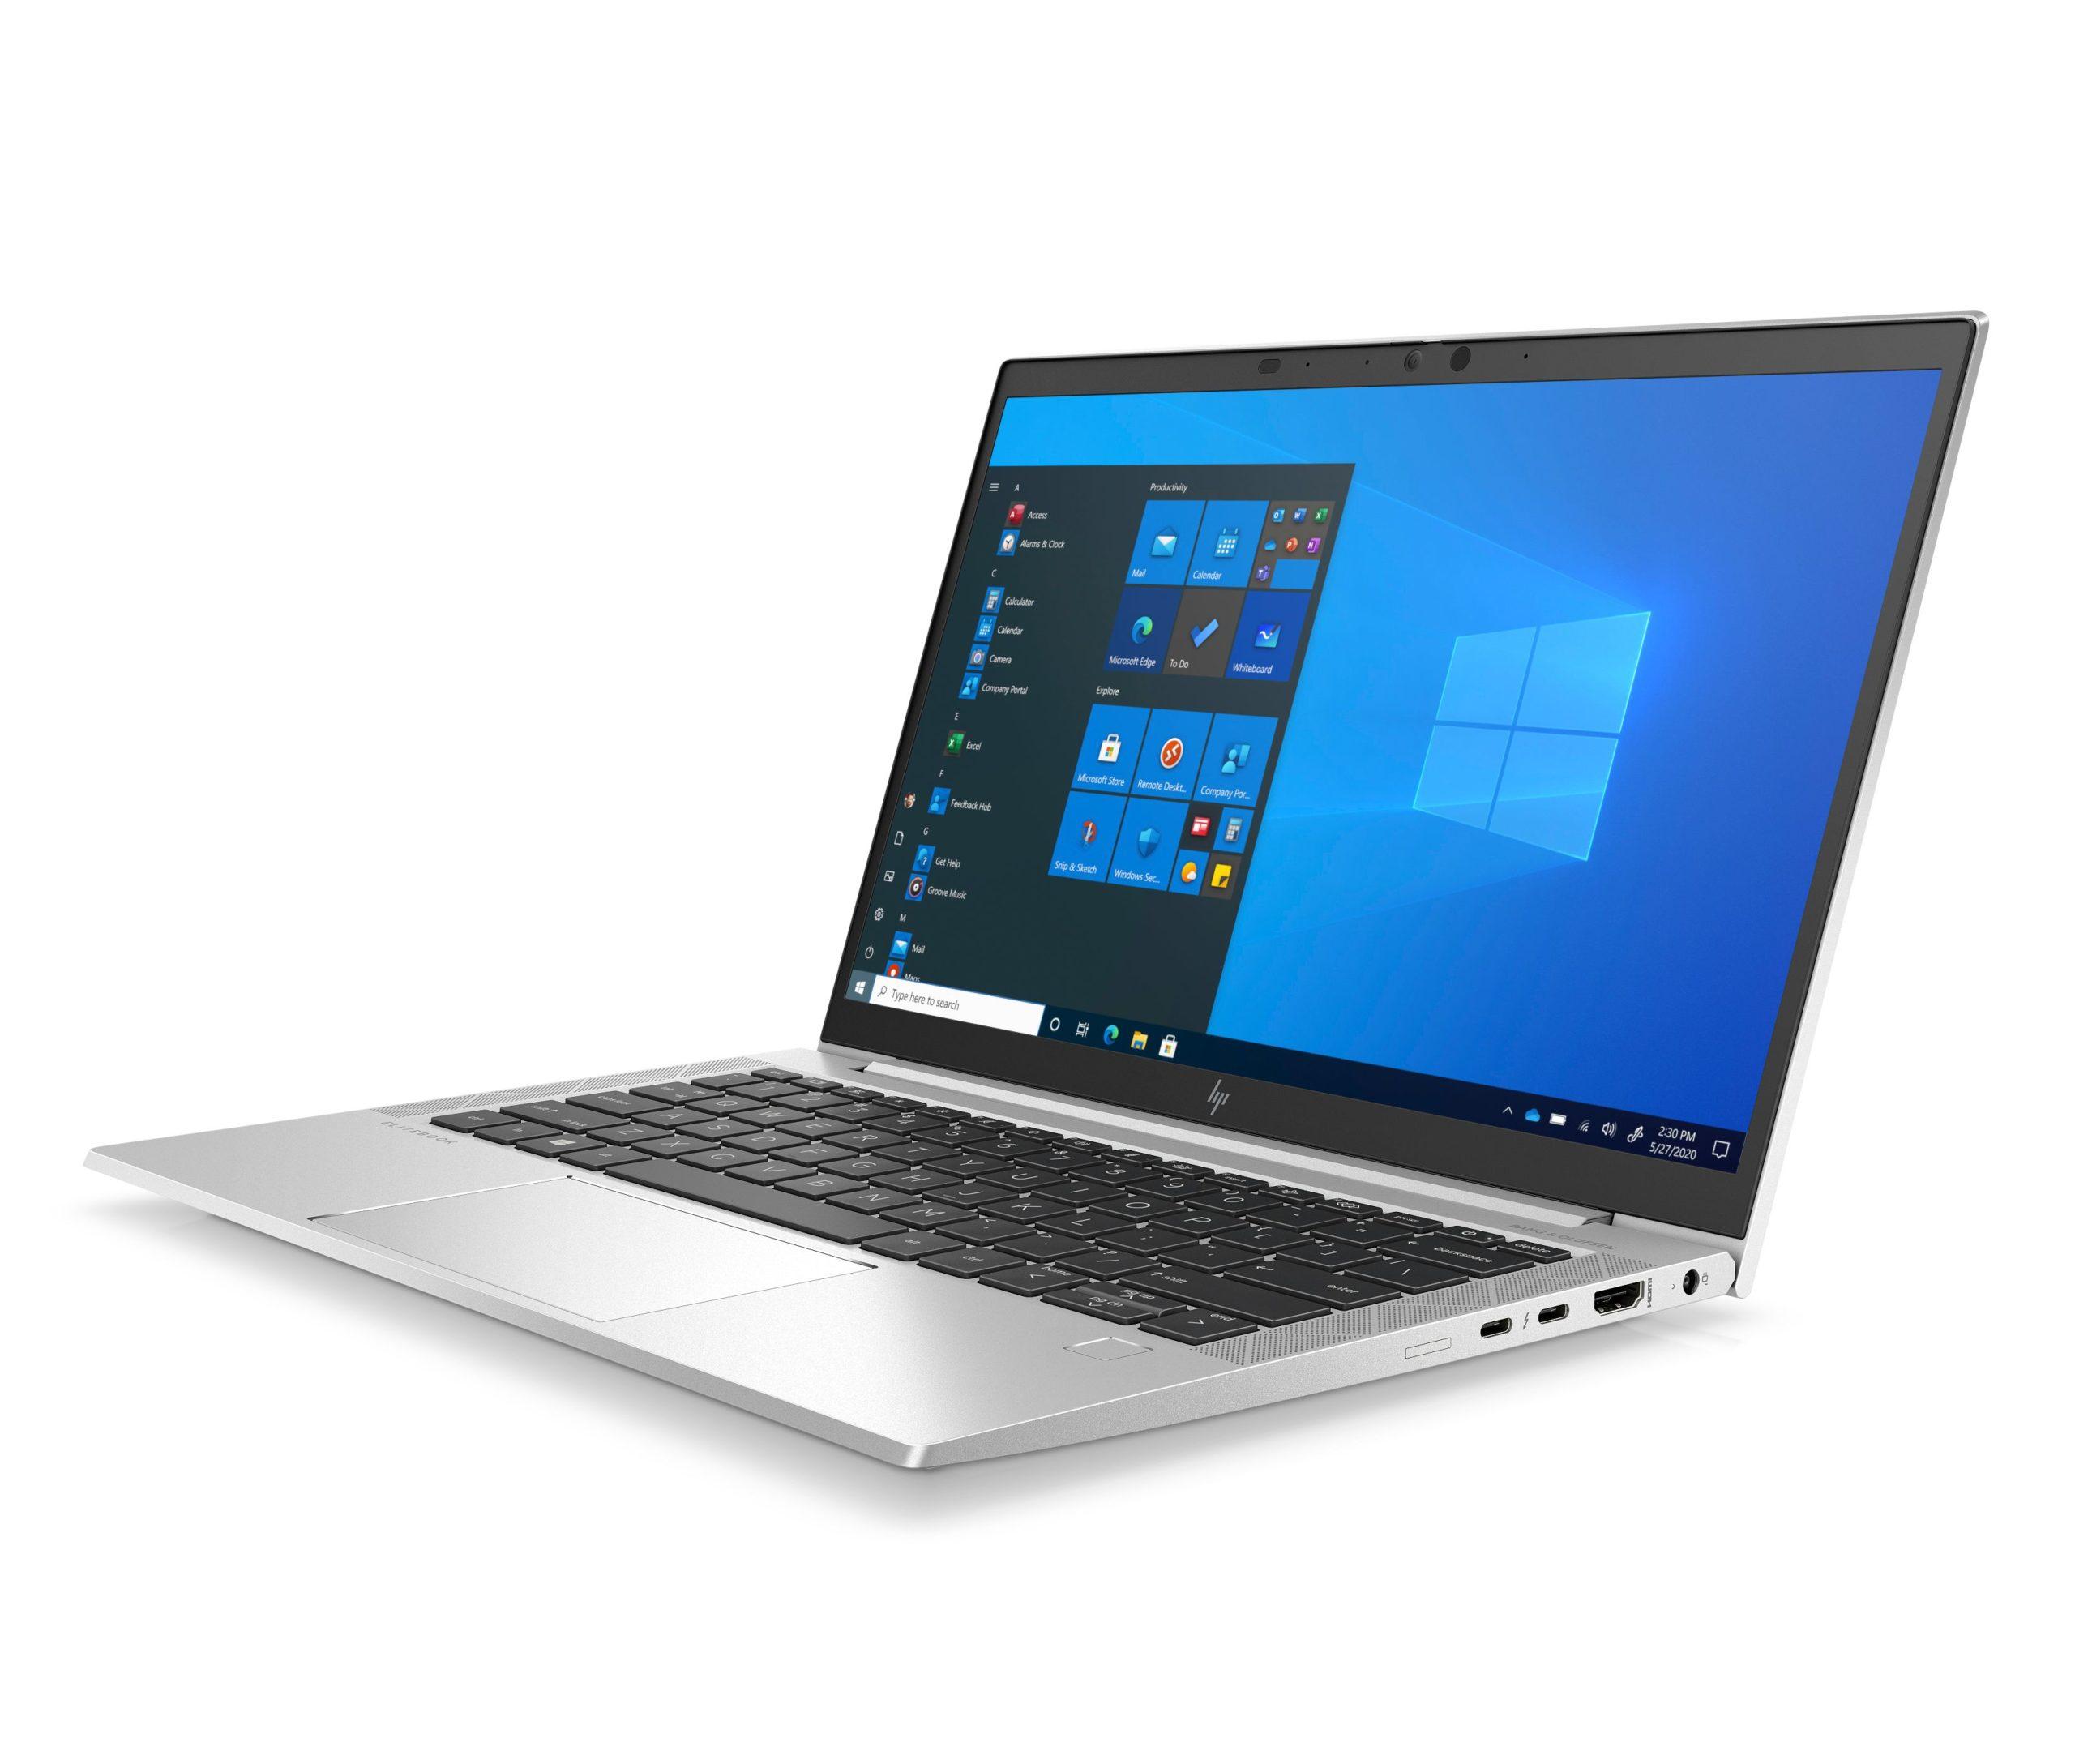 Устройства HP повышают производительность бизнес-пользователей